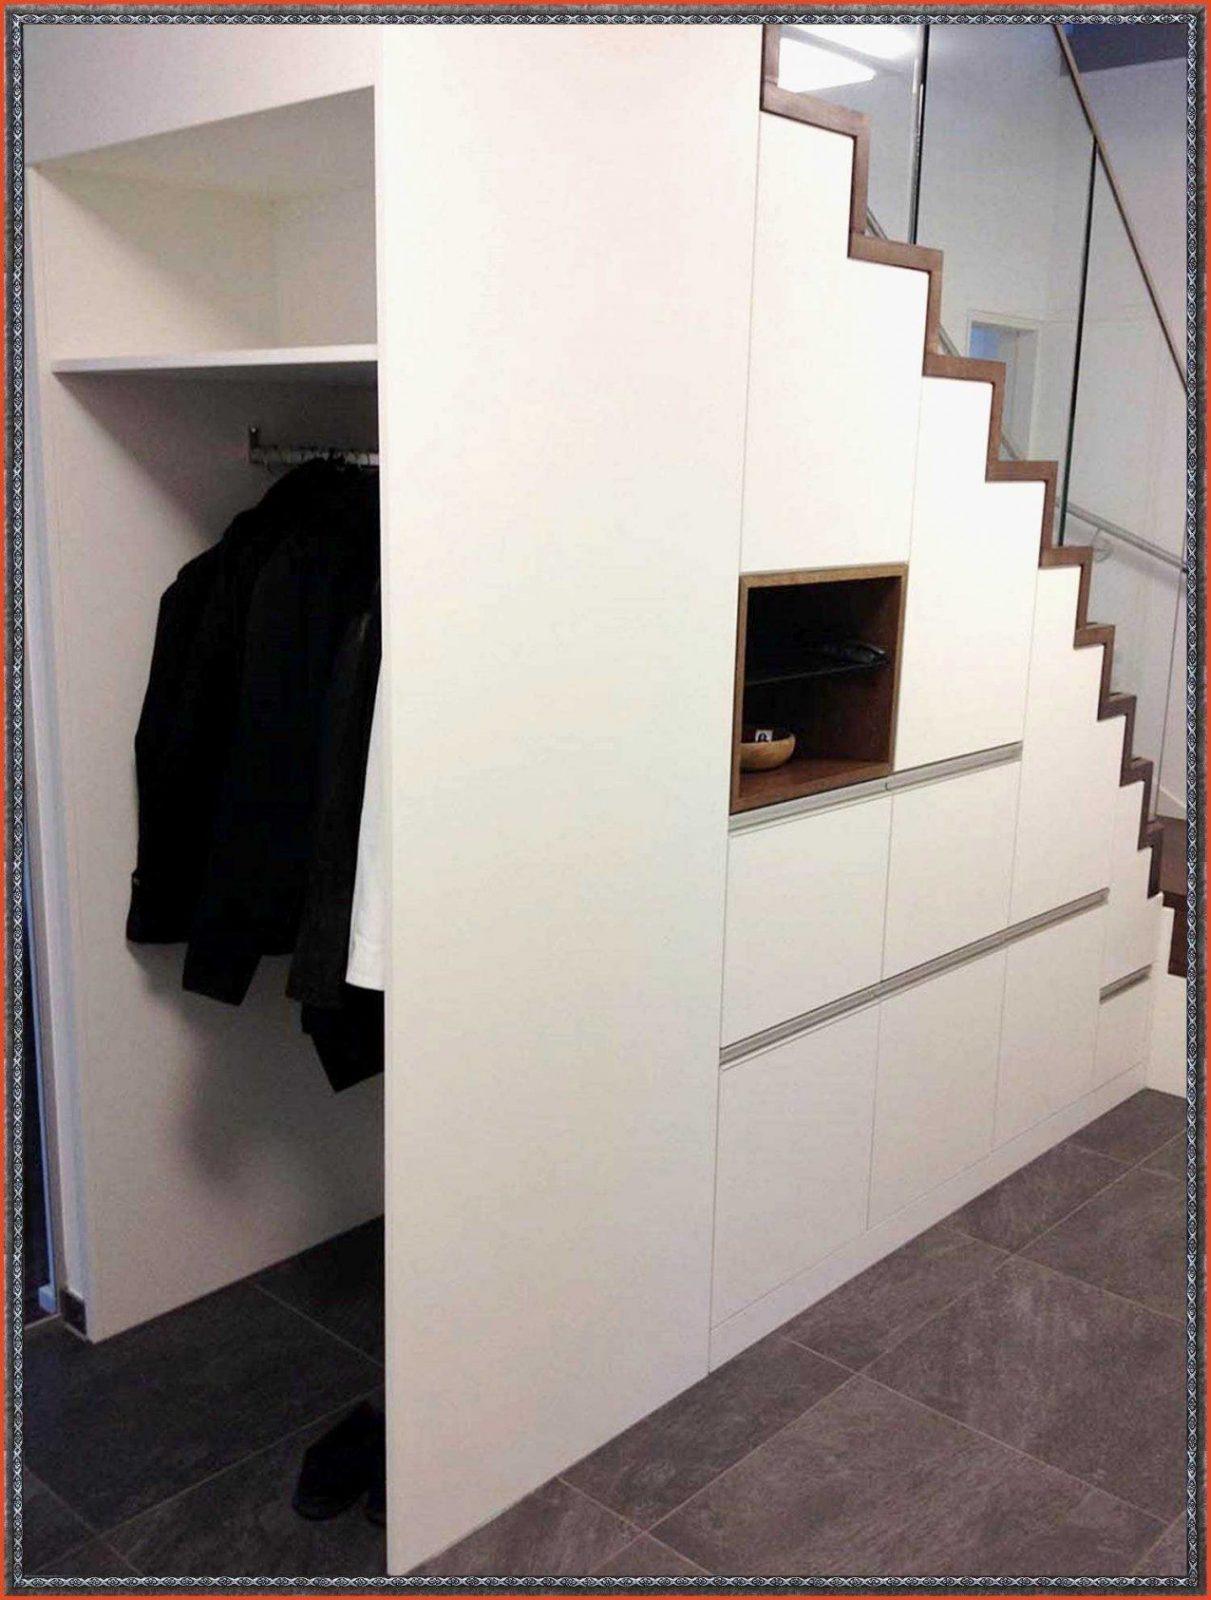 Verwunderlich Regal Unter Treppe Ikea Schrank Designer Amazing von Regal Für Unter Die Treppe Photo